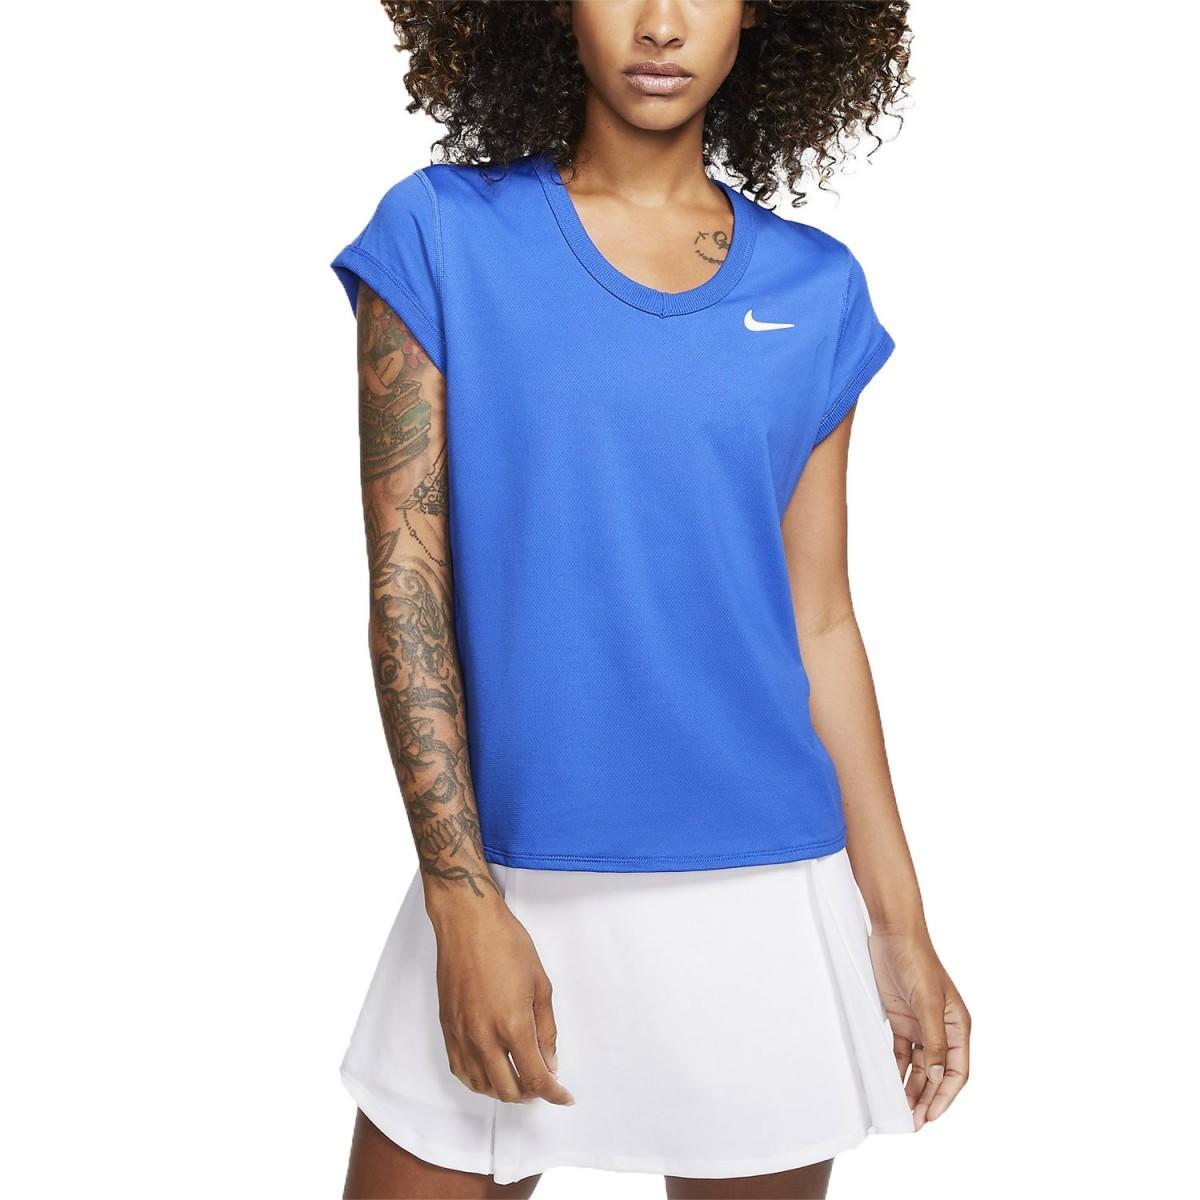 Теннисная футболка женская Nike Court Top game royal/white